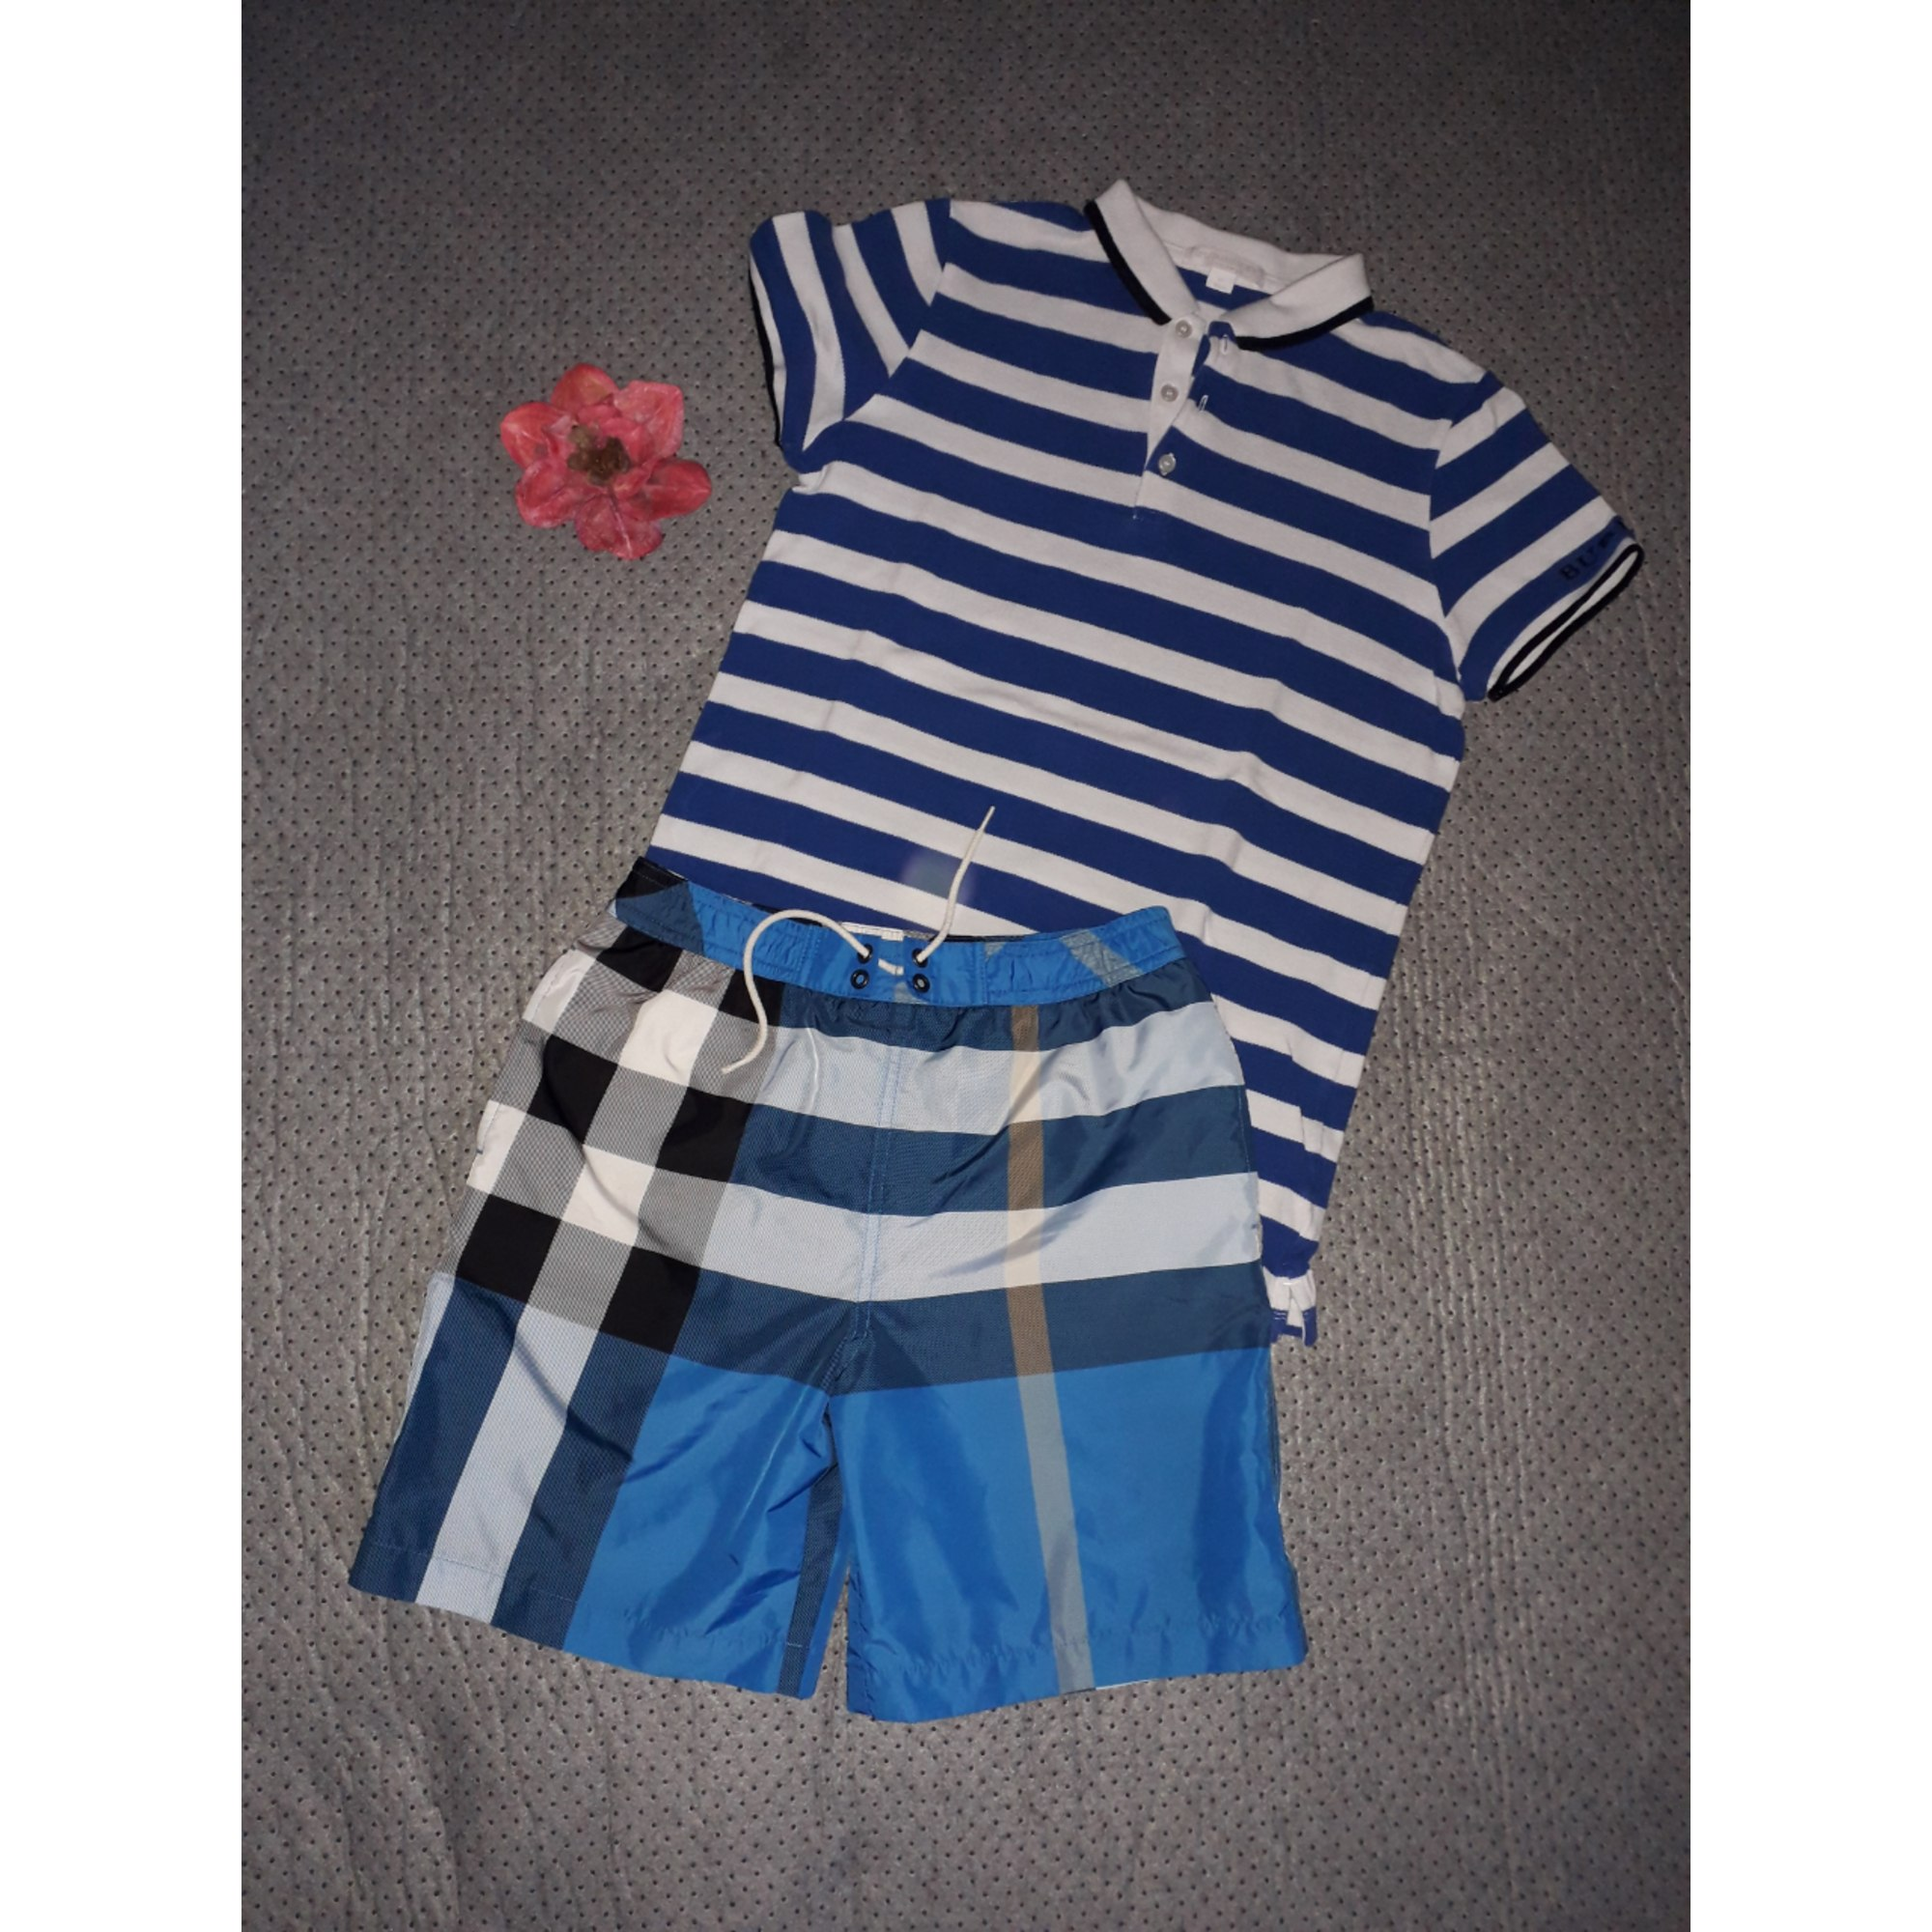 Anzug, Set für Kinder, kurz BURBERRY Blau, marineblau, türkisblau